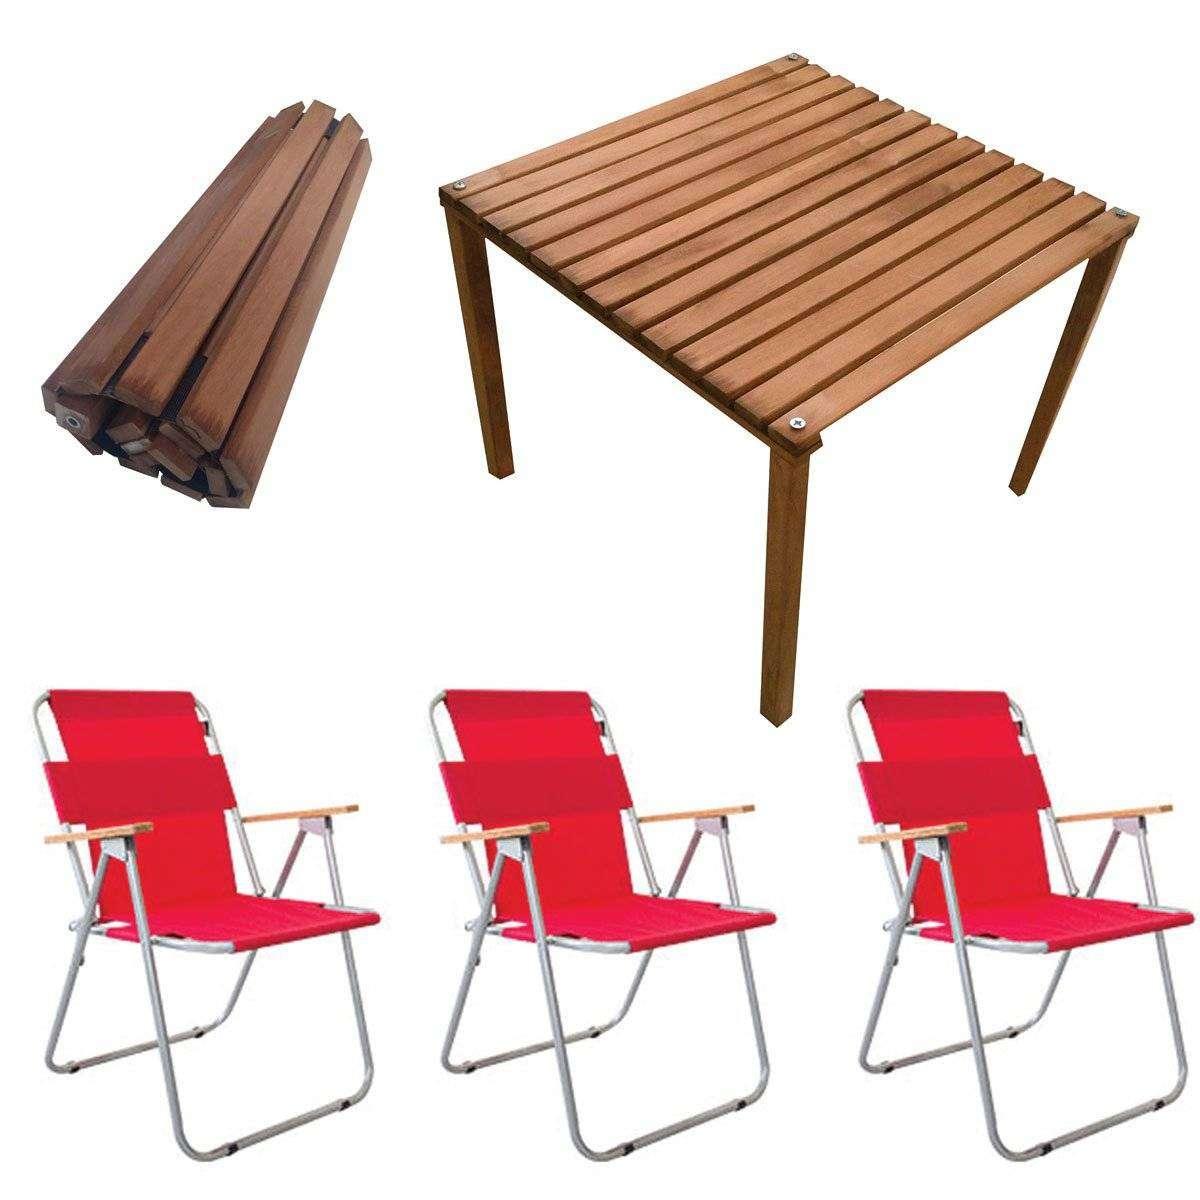 Rulo Katlanır Kamp Masa Sandalye Seti - 3 Sandalyeli